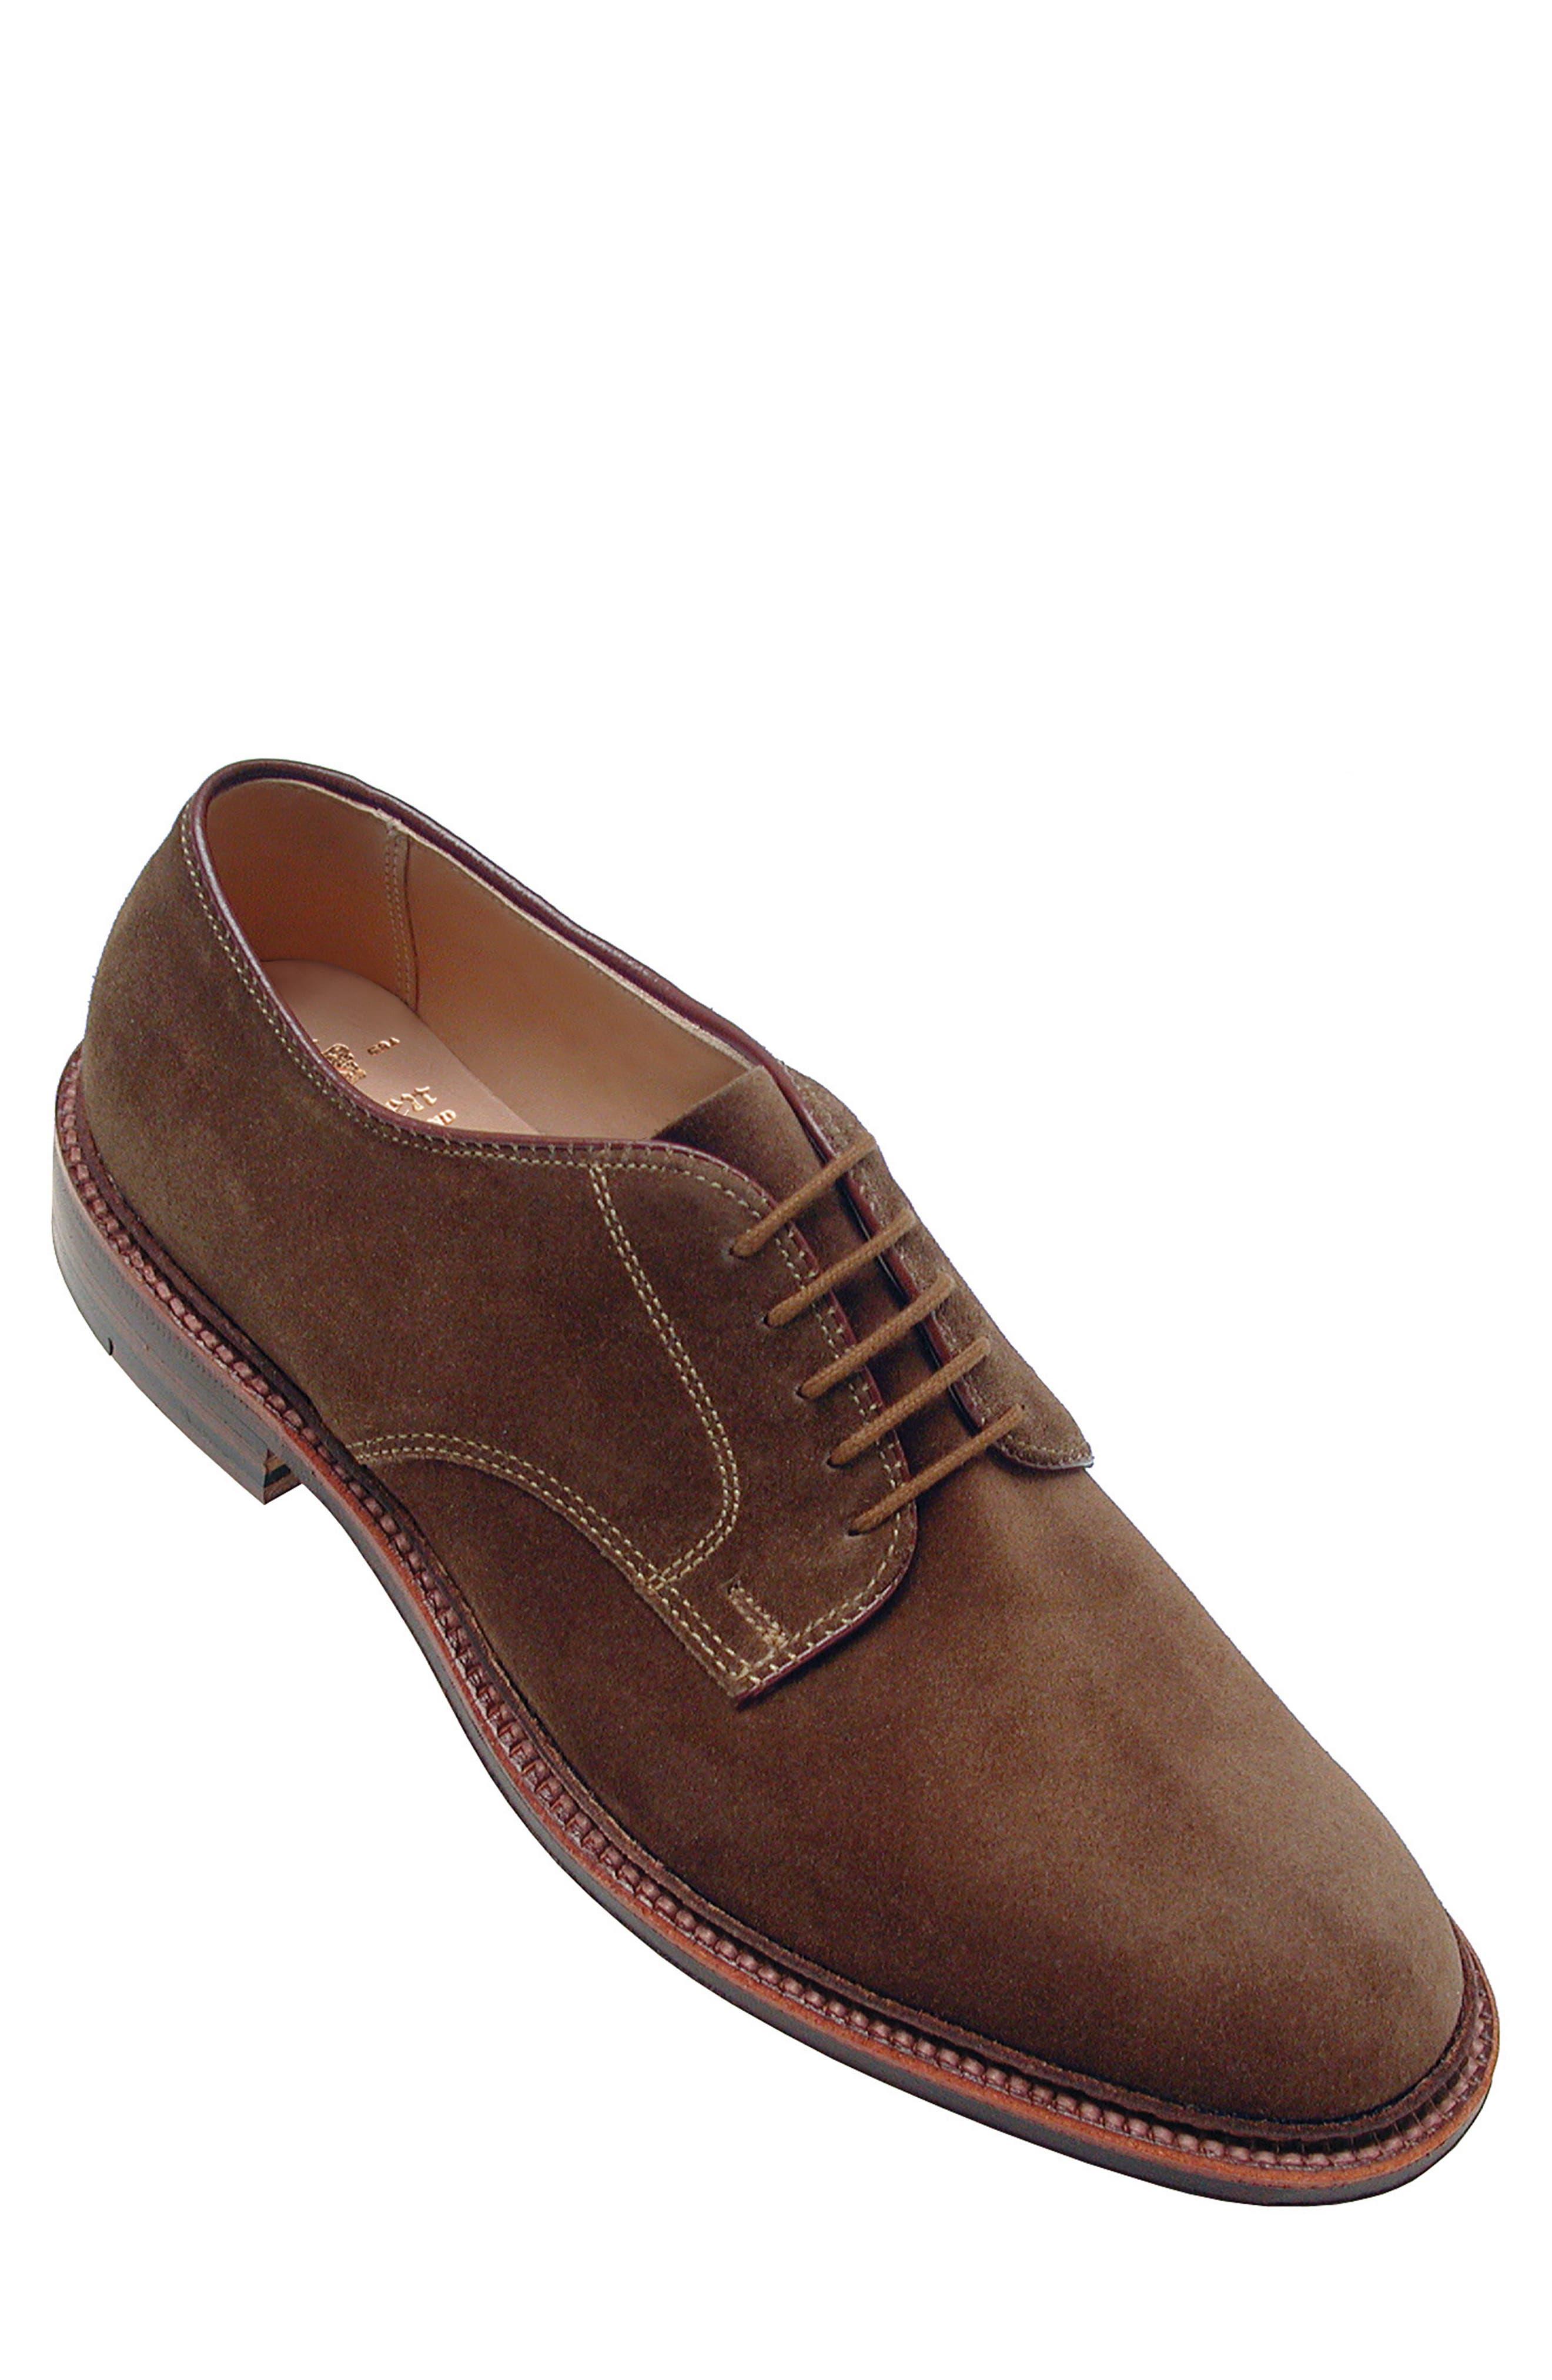 Blucher Plain Toe Derby